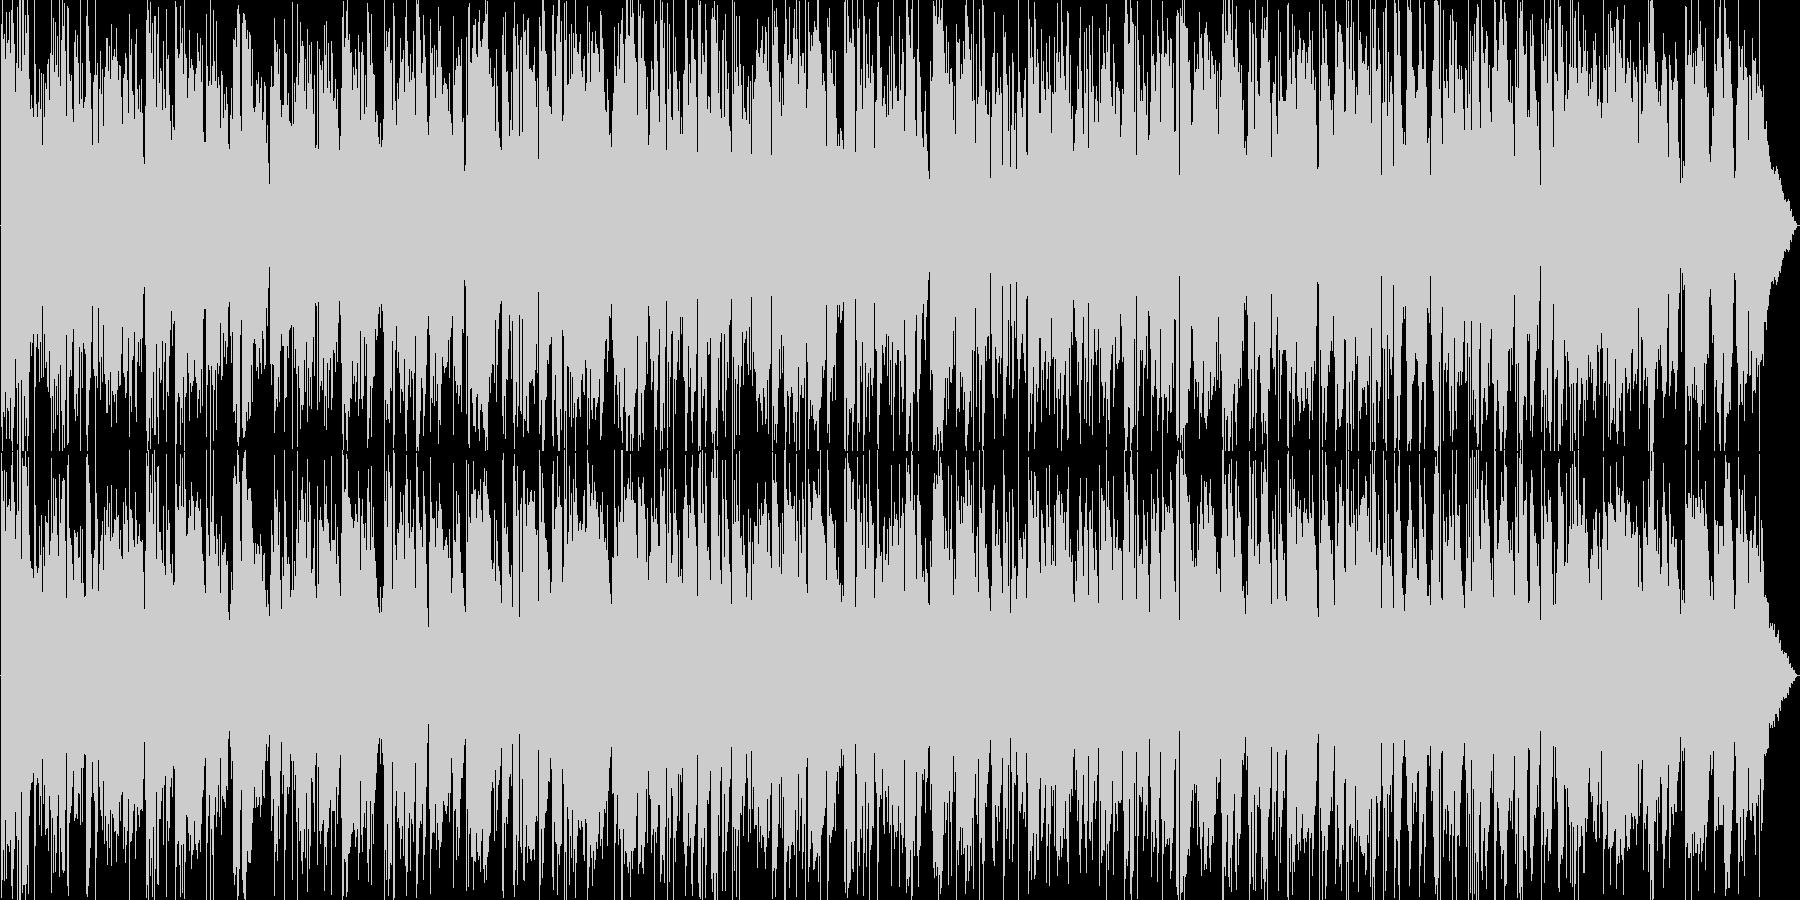 フュージョン系かっこいいアルトサックスの未再生の波形